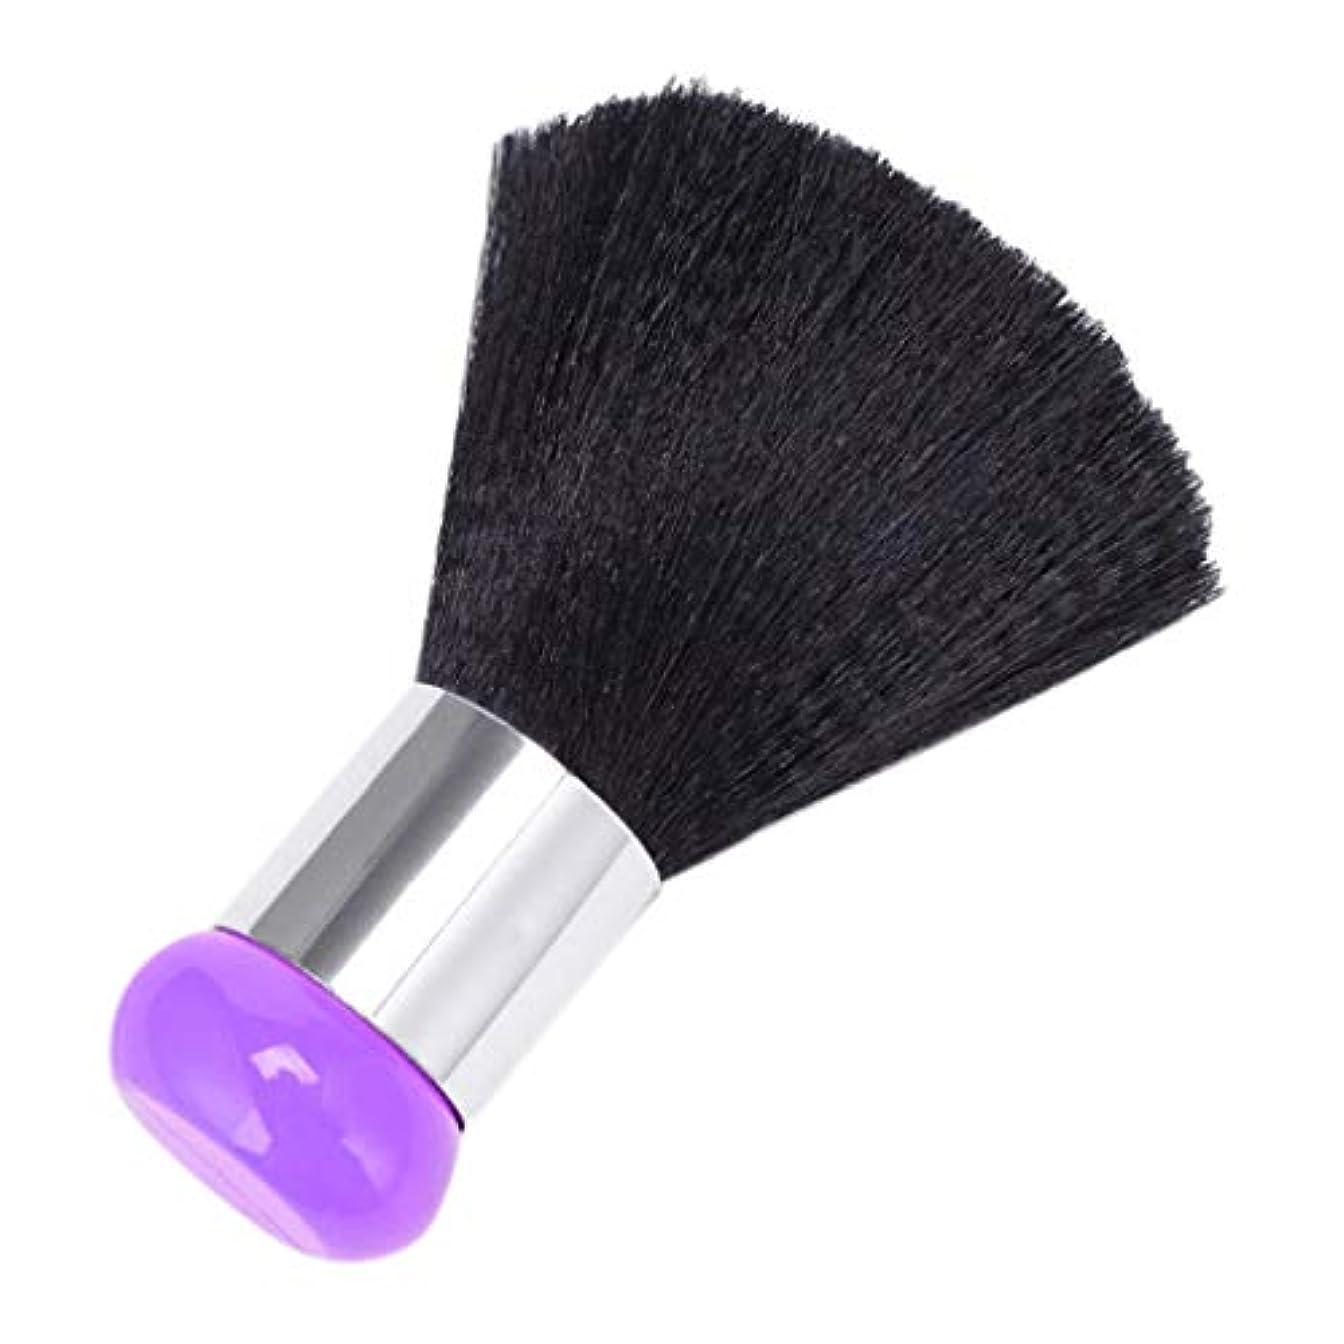 冬別れる告白するB Baosity ヘアカット ネックダスタークリーナー ヘアブラシ サロンツール 2色選べ - 紫